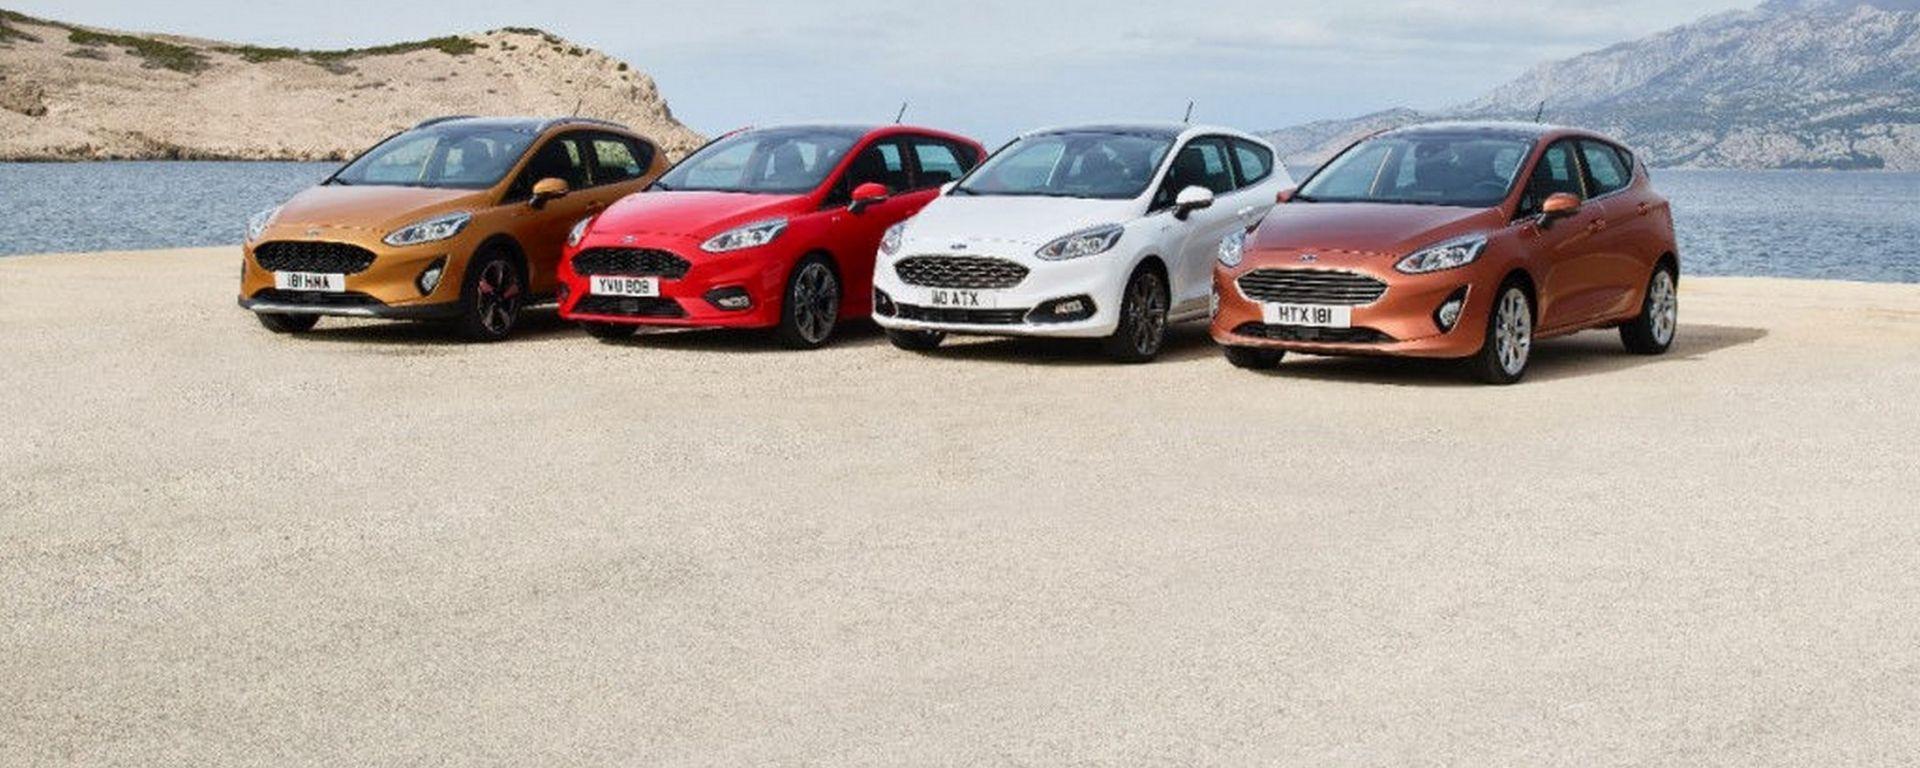 La nuova Ford Fiesta sarà disponibile in 5 differenti versioni